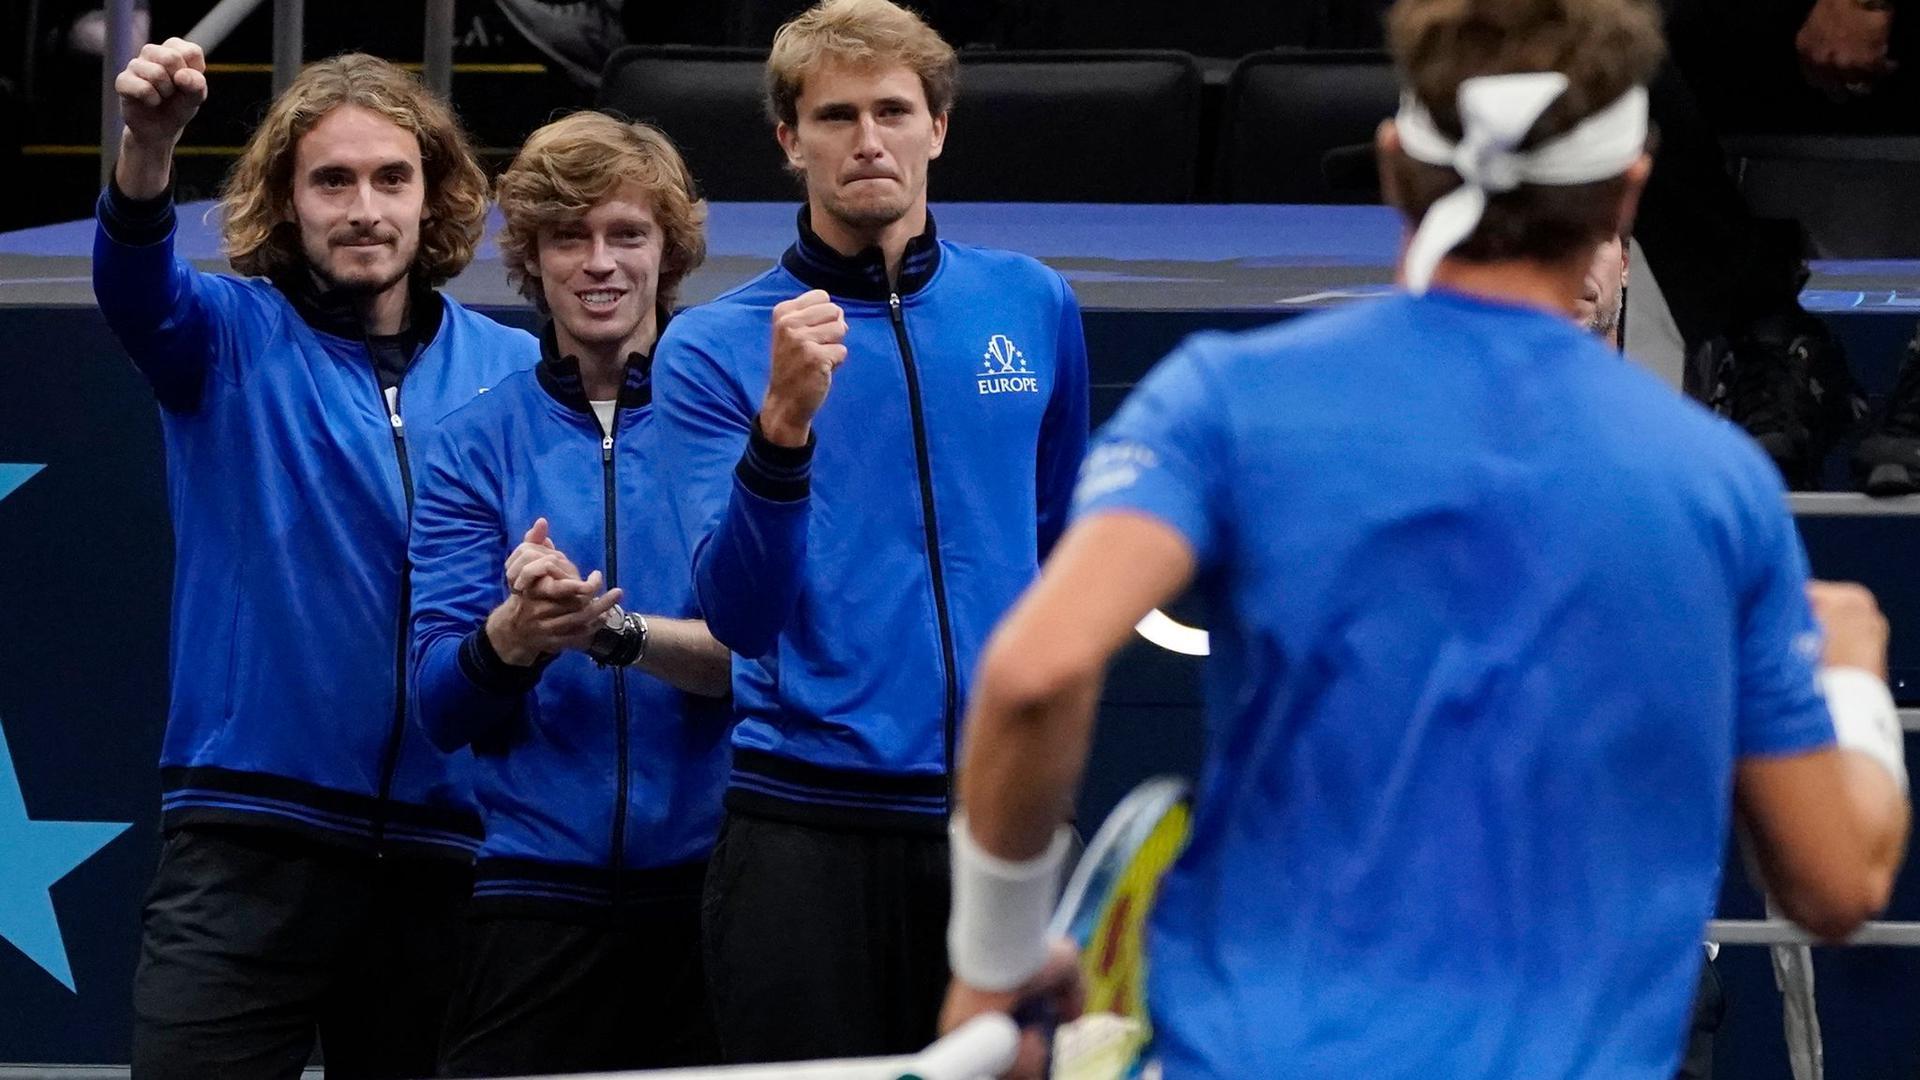 Spieler von Team Europa, (v.l.n.r.) Stefanos Tsitsipas, Andrey Rublev und Alexander Zverev.